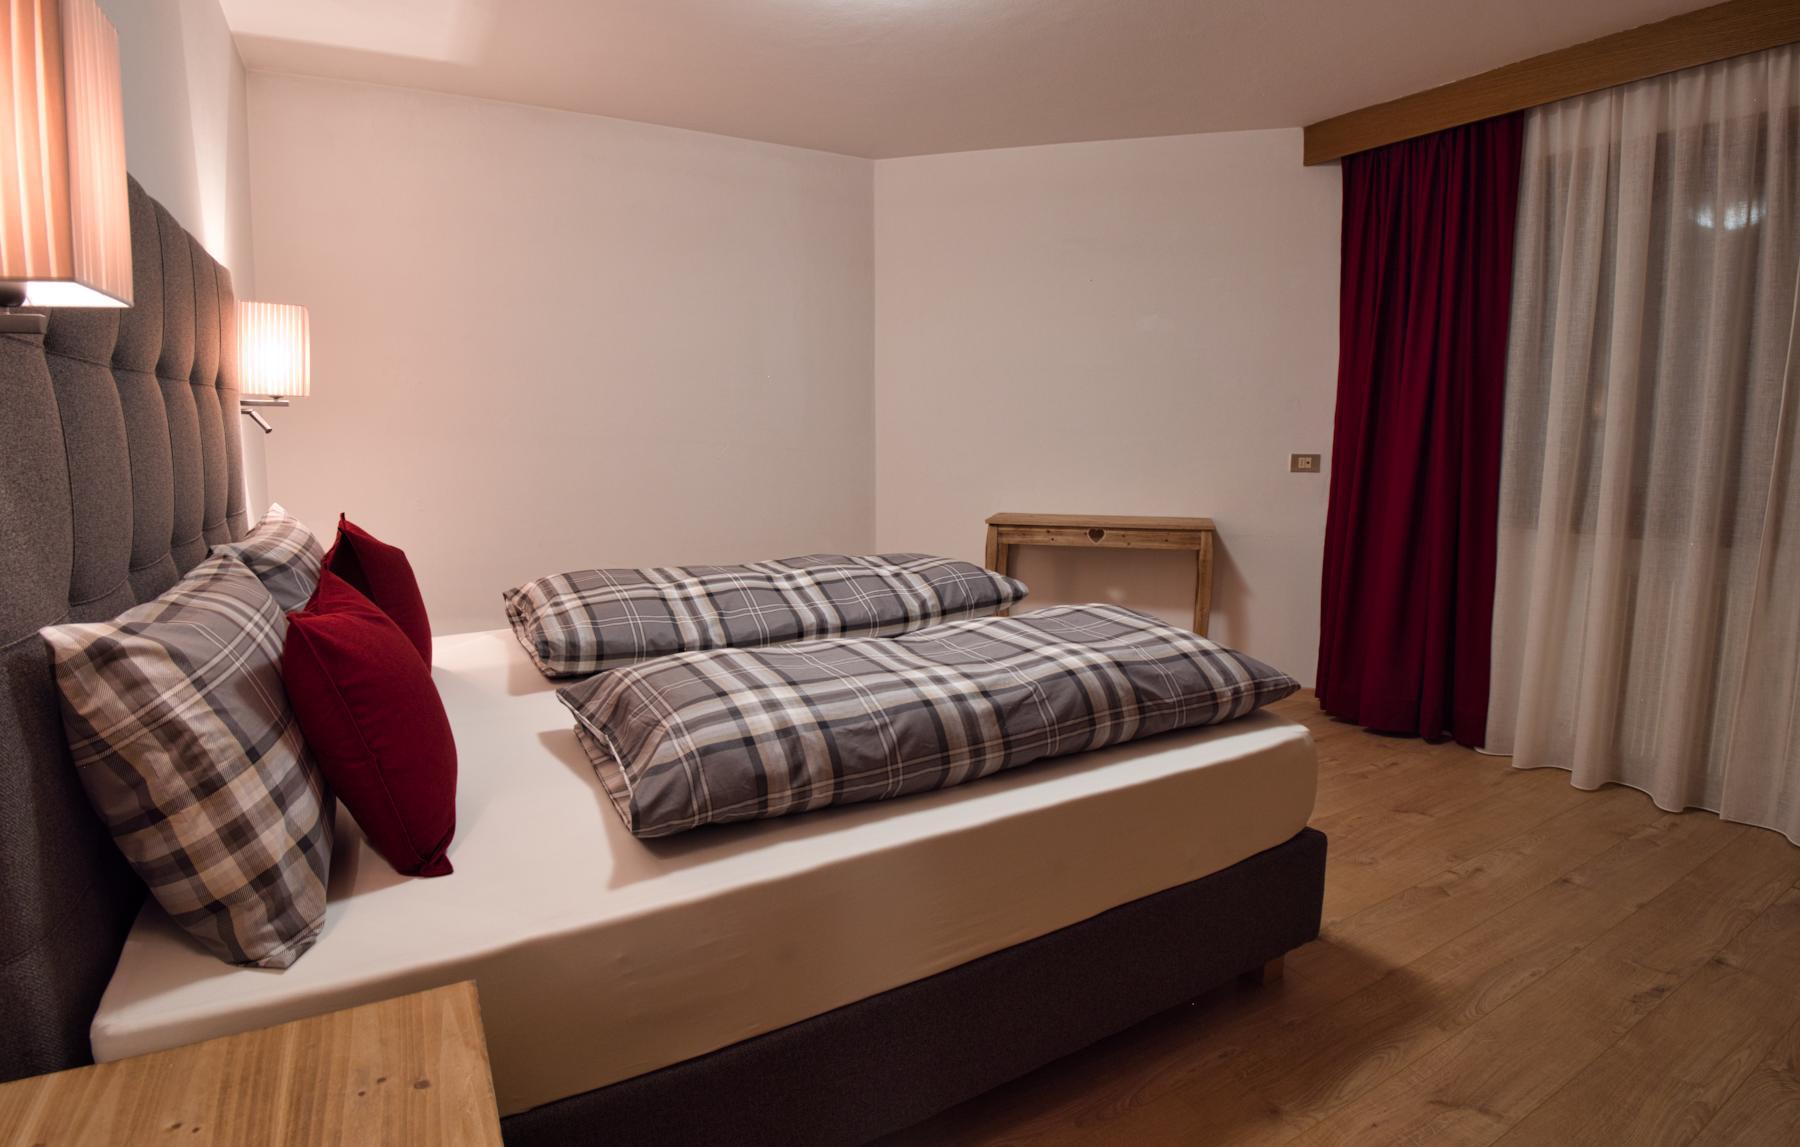 Camere Da Letto Anni 80 residence pelegrin - appartamenti / ferienwohnungen a san